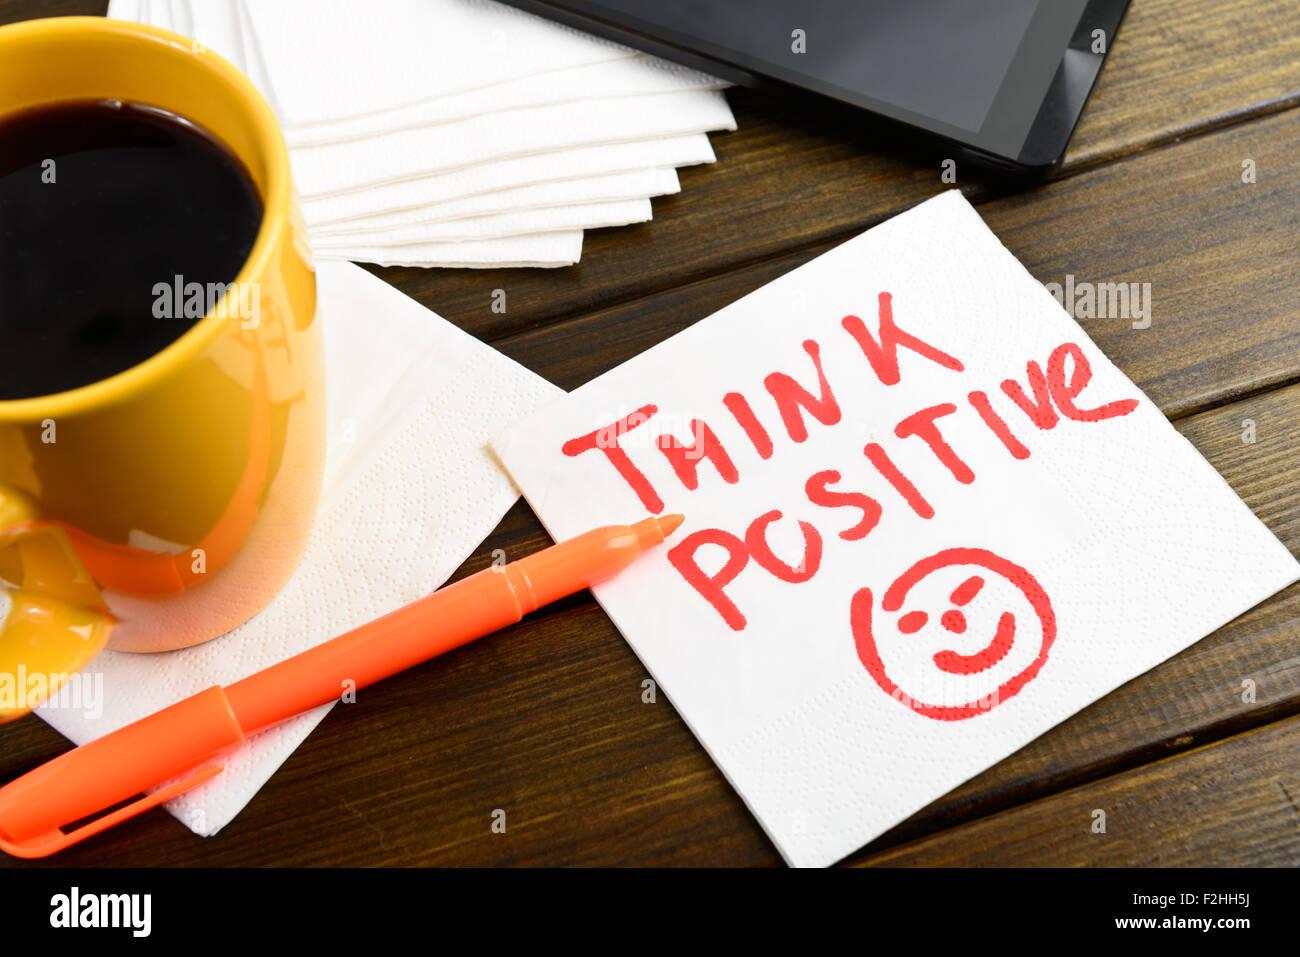 Denke positiv schreiben auf weiße Serviette rund um Kaffee Stift und Telefon auf Holztisch Stockbild